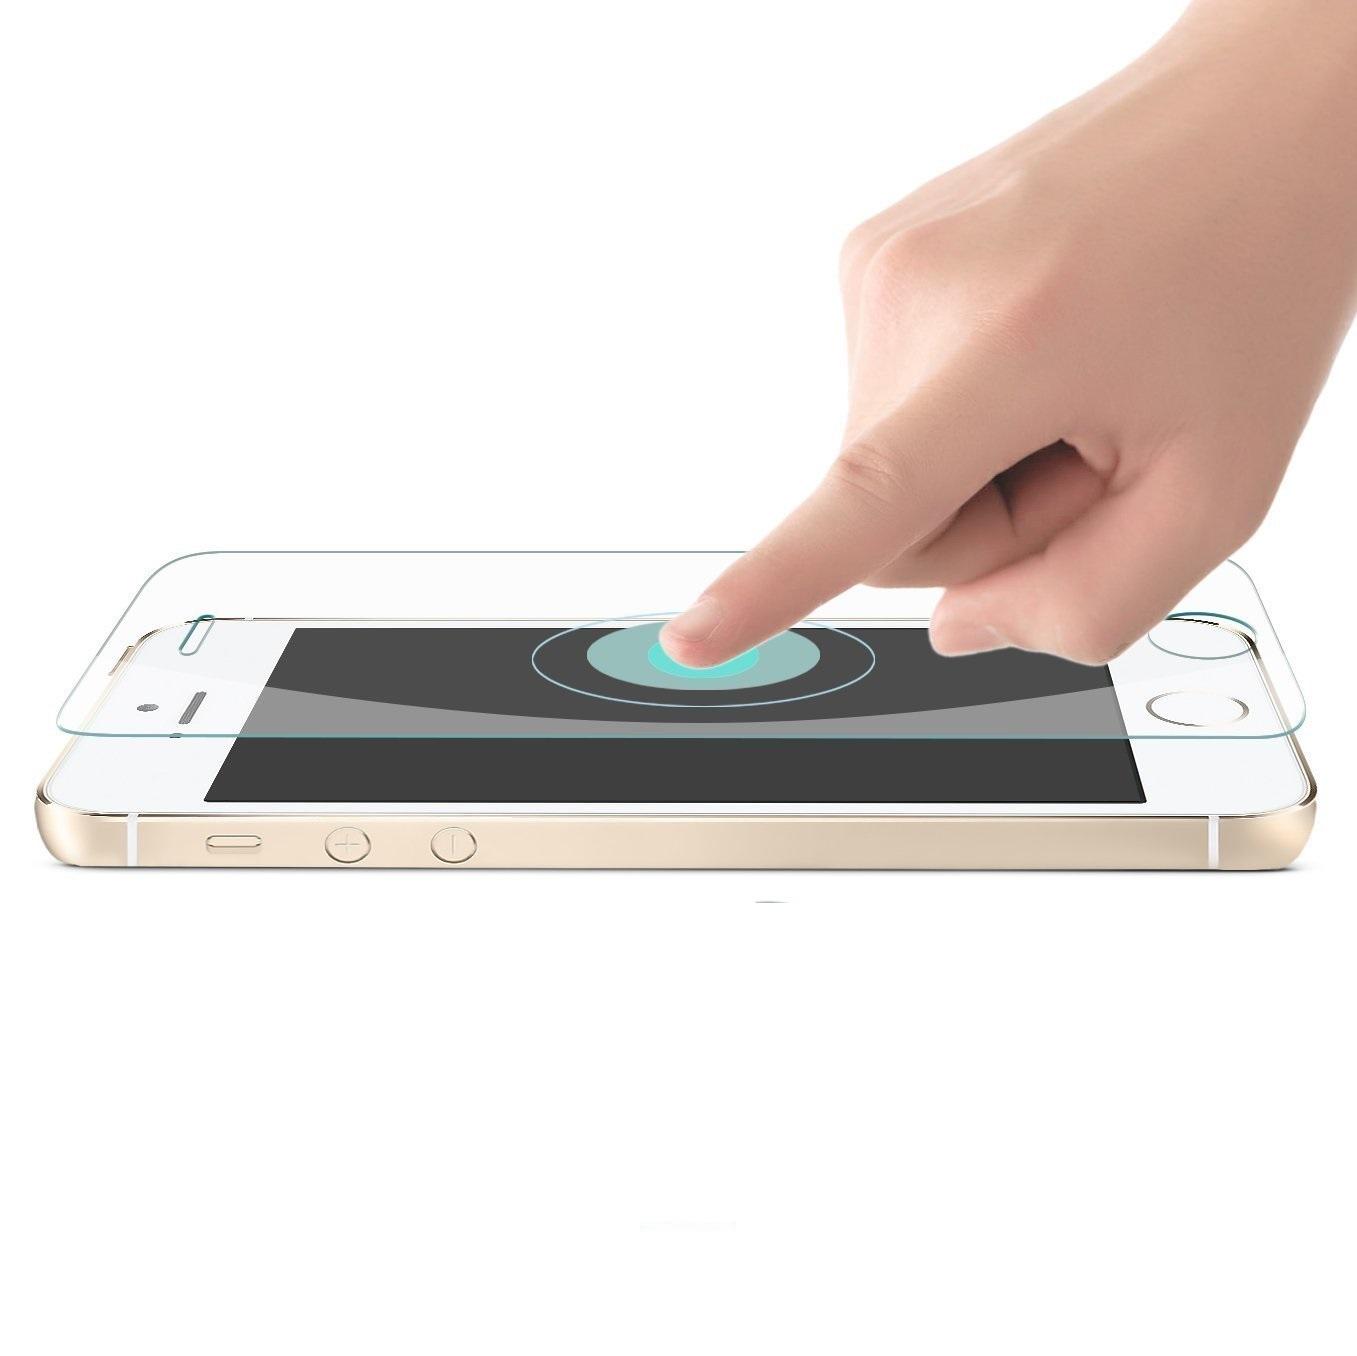 Tấm dán kính cường lực độ cứng 9H dành cho iPhone 5s - KLC01